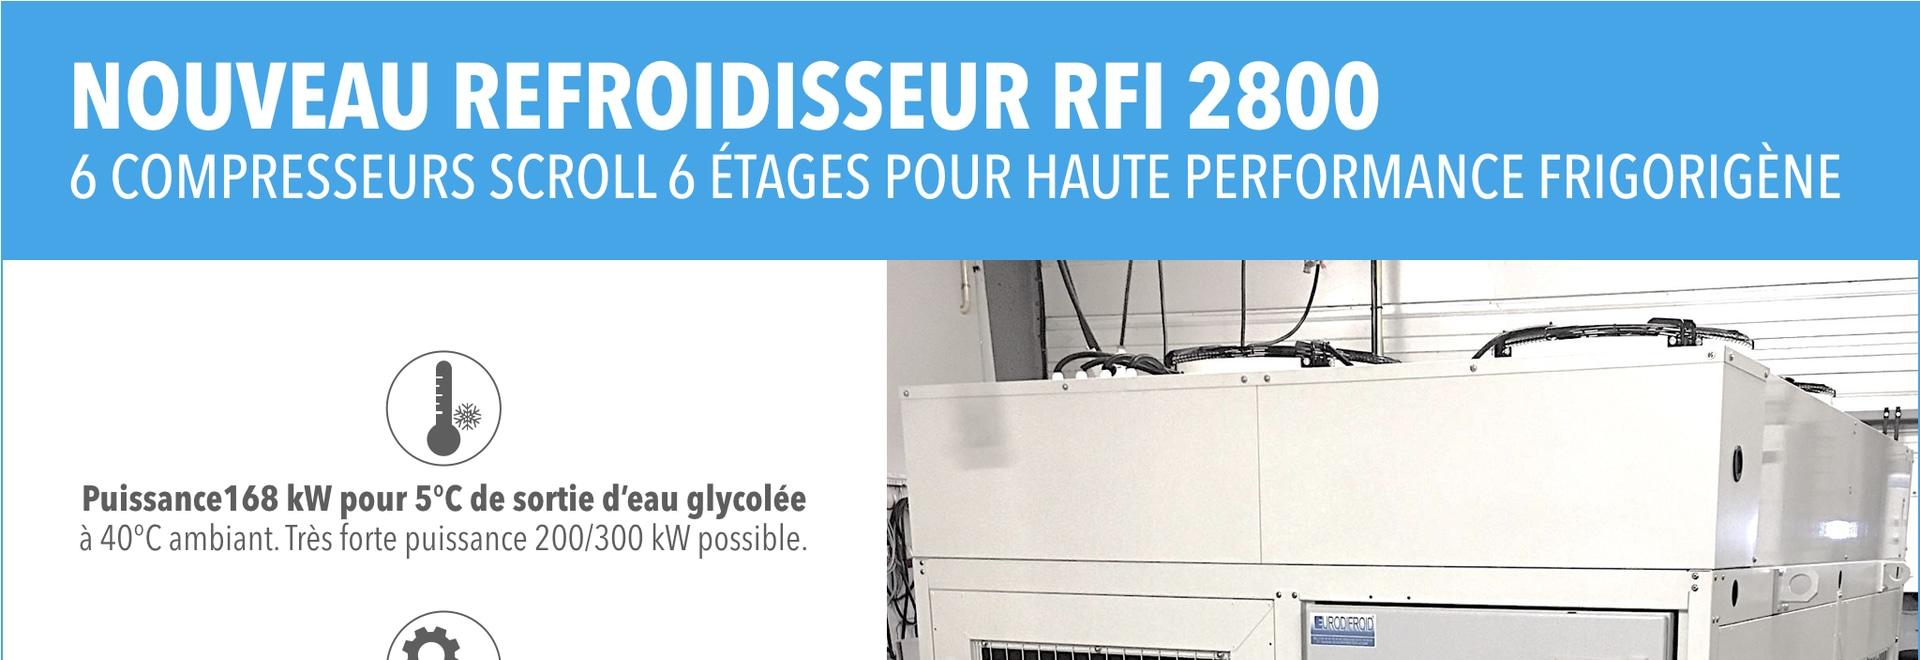 Neue HF-Störung 2800 Kühlvorrichtung mit 6 Rollenkompressoren und eine Energie von 168kW